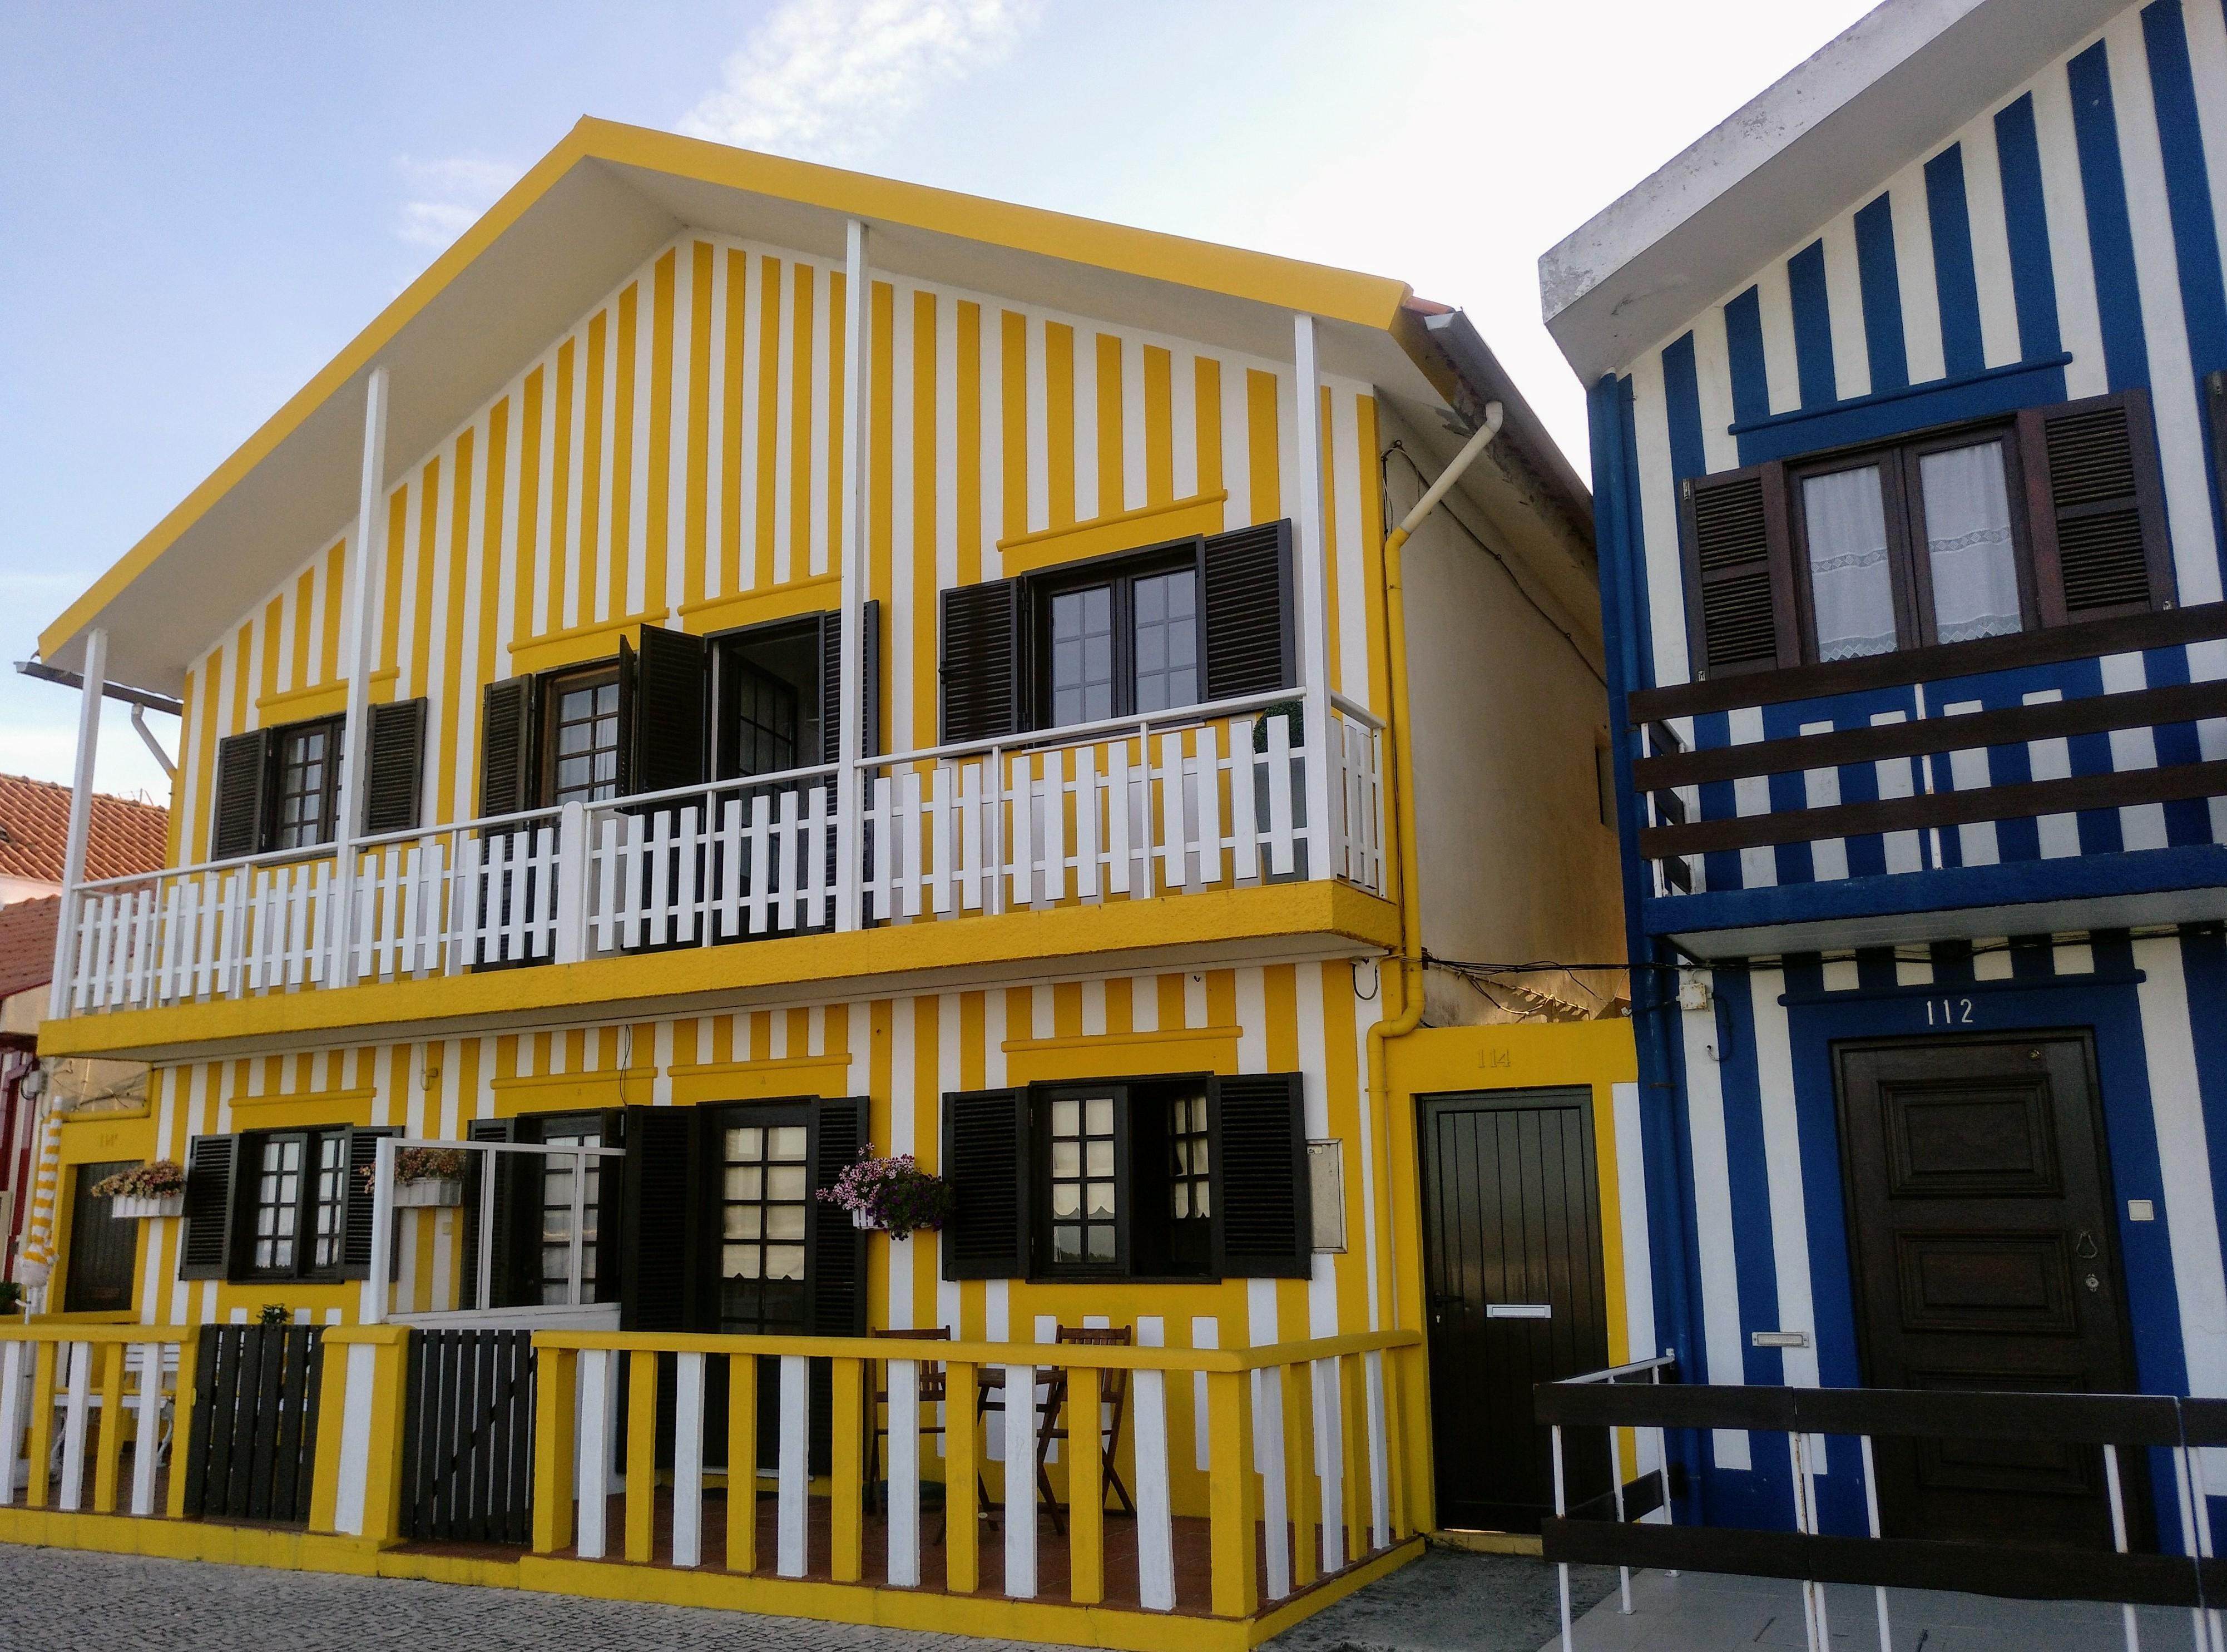 casa amarilla y azul rayas